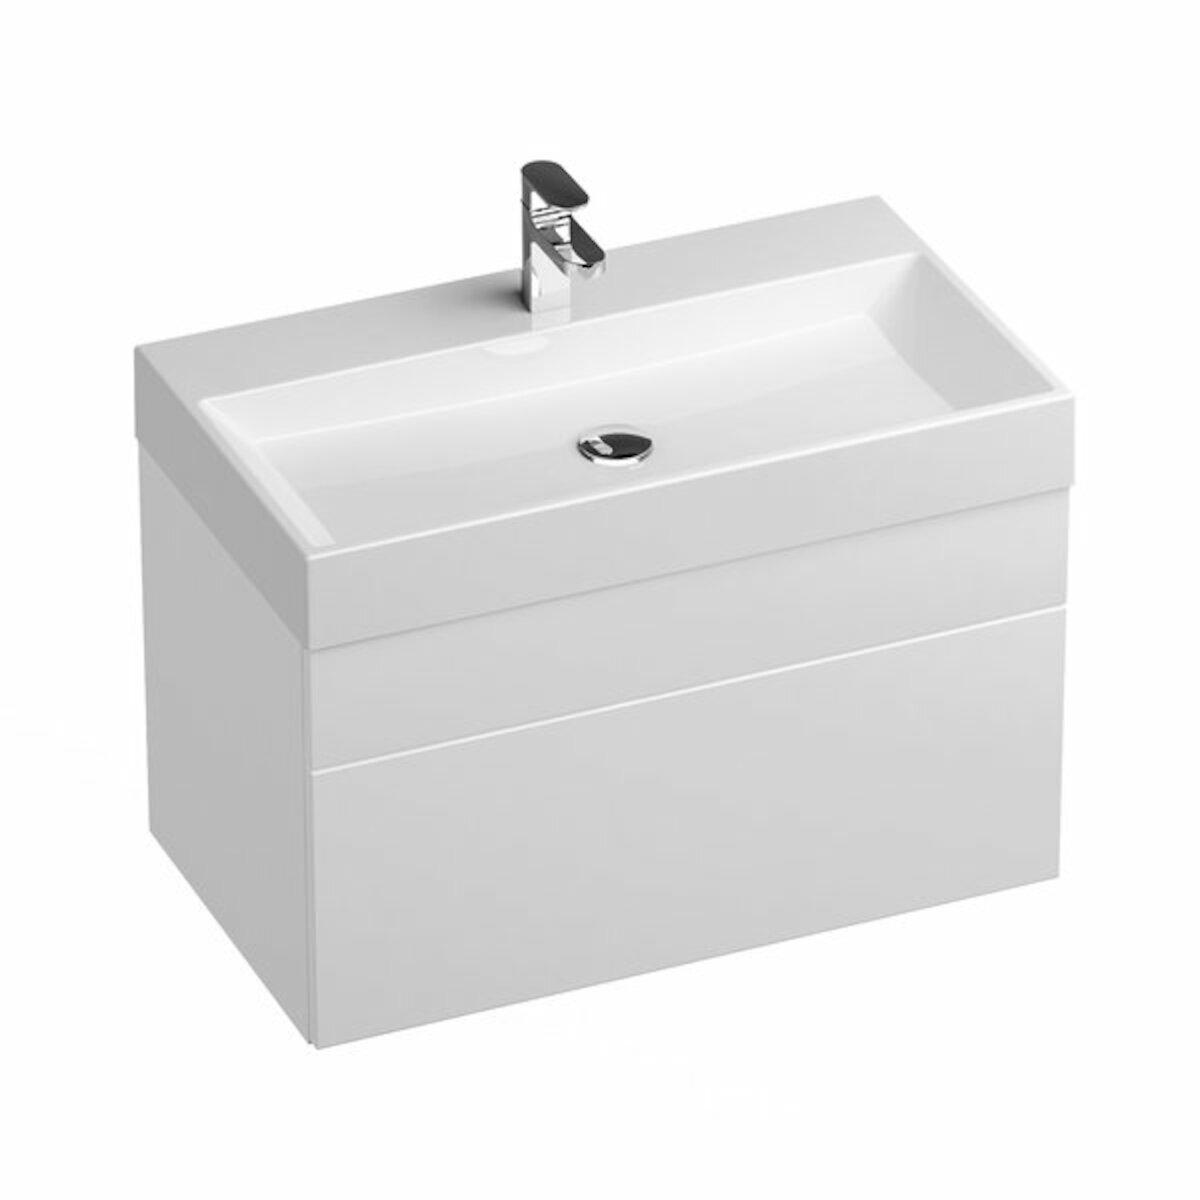 Kúpeľňová skrinka pod umývadlo Ravak Natural 80x45 cm biela X000001052